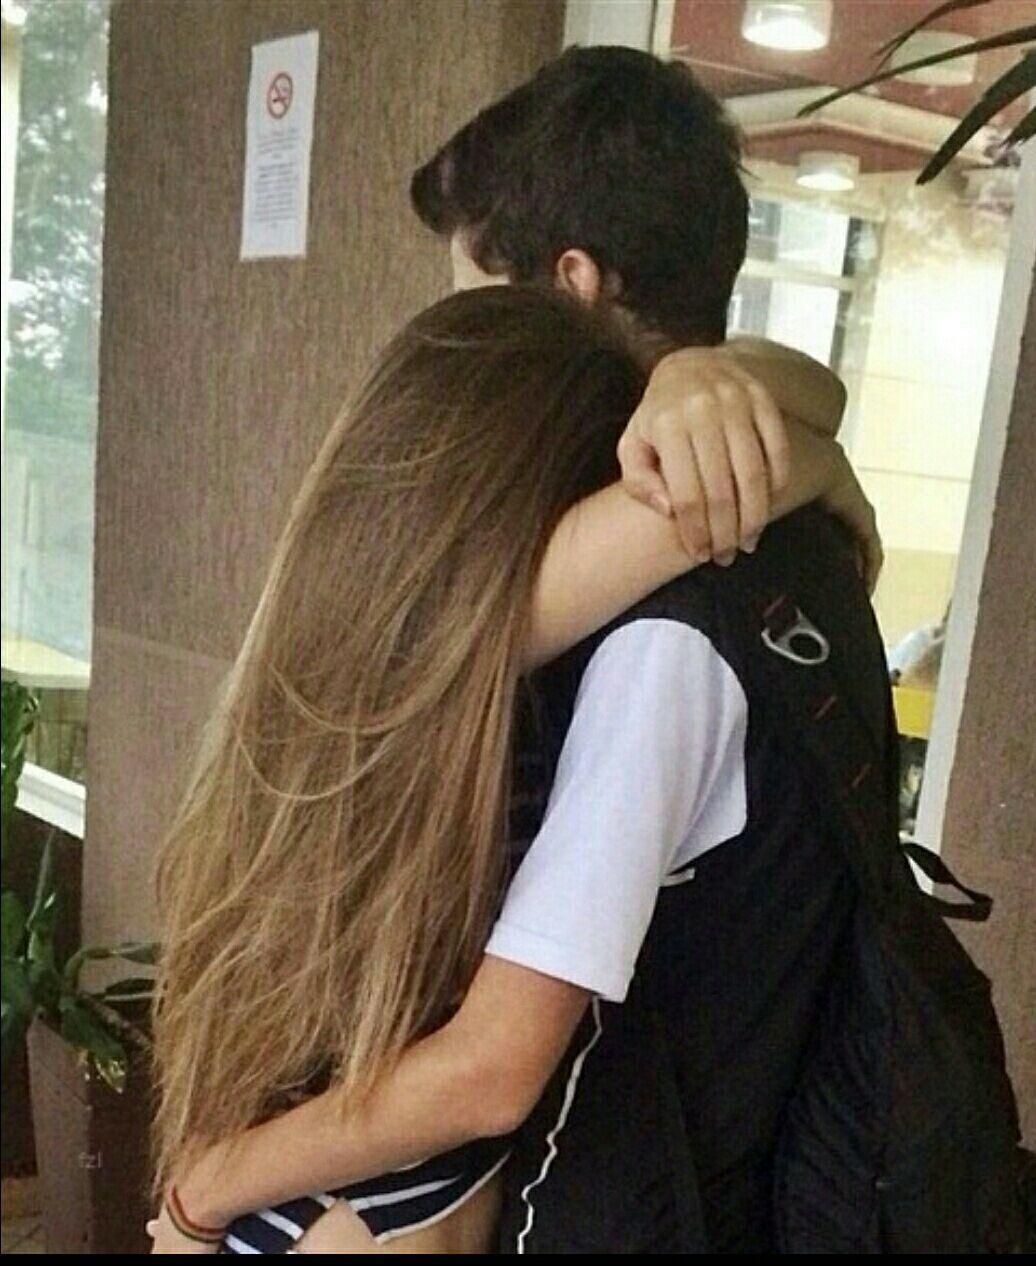 Как парень с девушкой целуются фото на аву